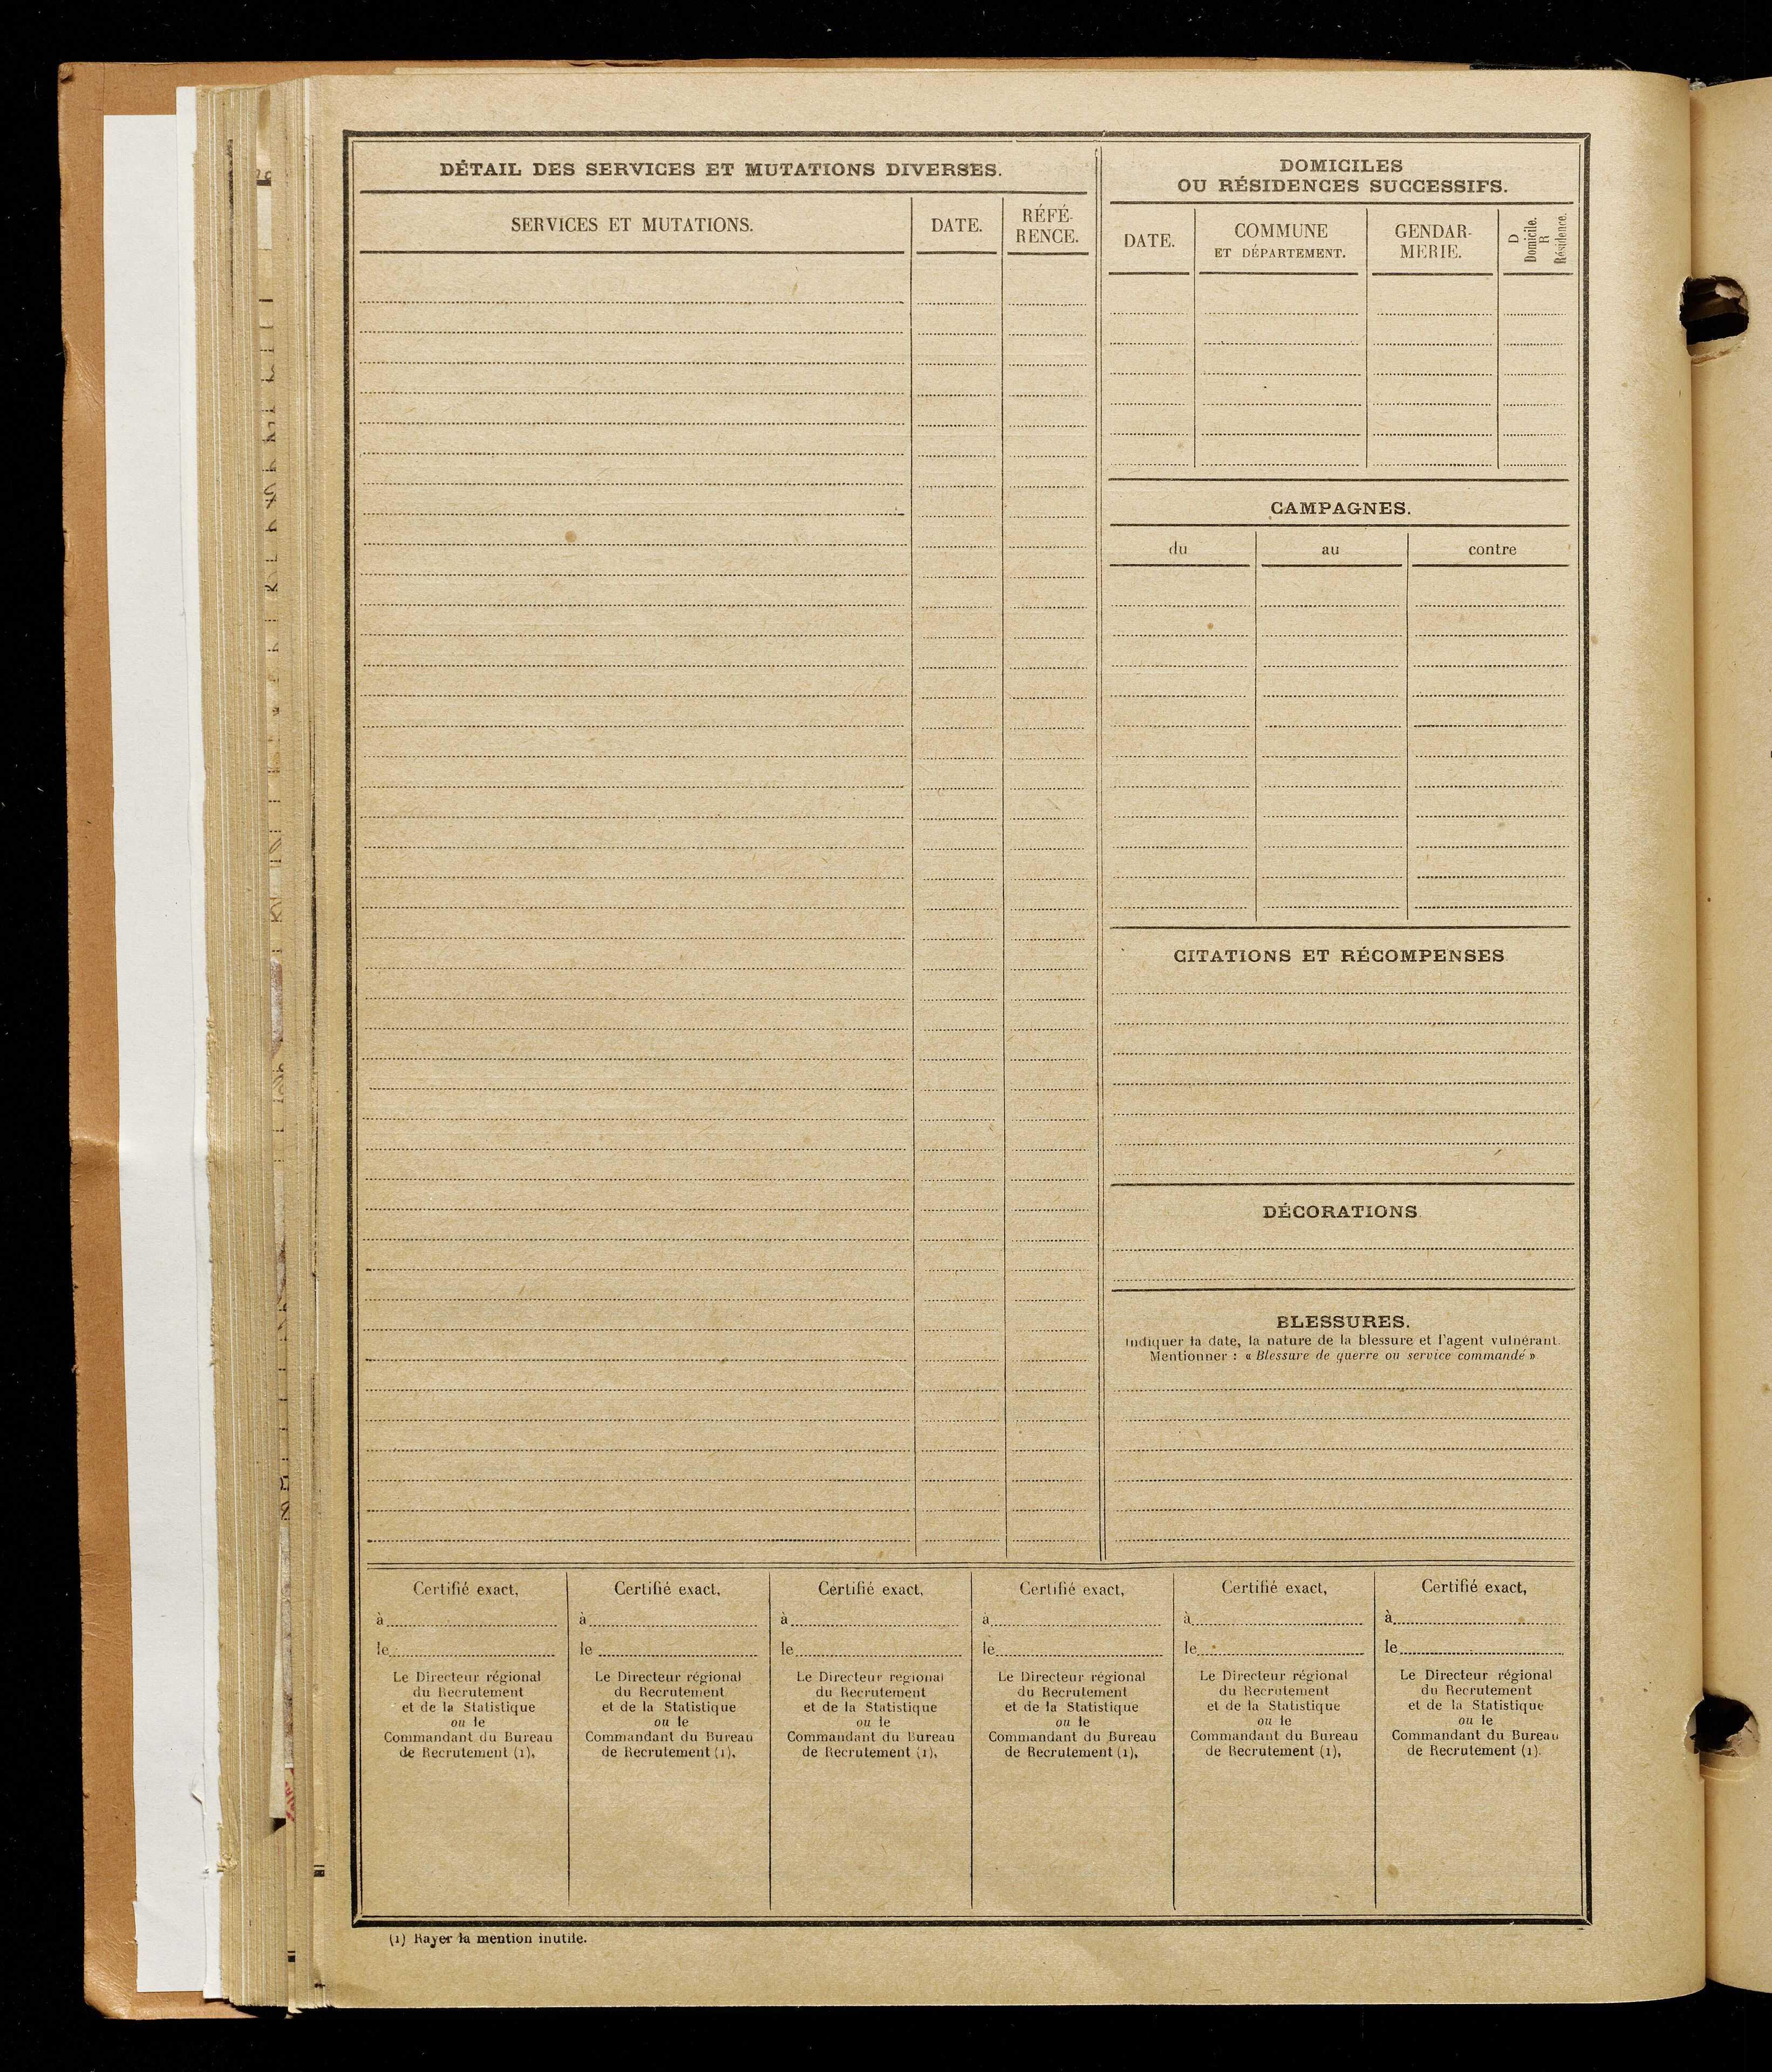 Deneuville, Ernest, né le 18 juillet 1893 à Amiens (Somme), classe 1913, matricule n° 1106, Bureau de recrutement d'Amiens